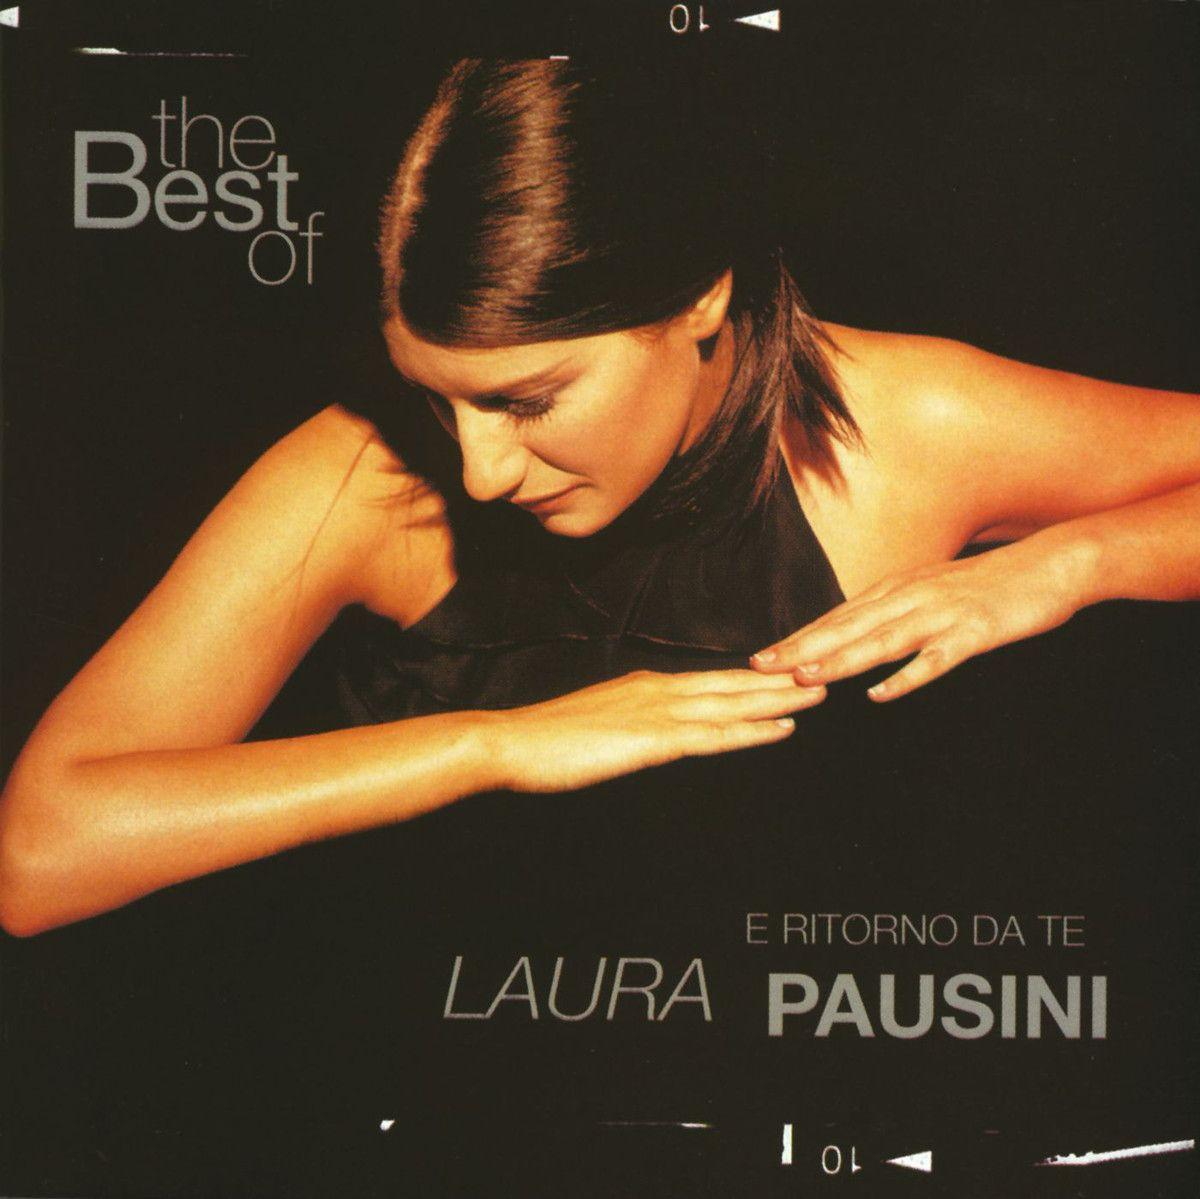 Laura Pausini - The Best Of Laura Pausini album cover